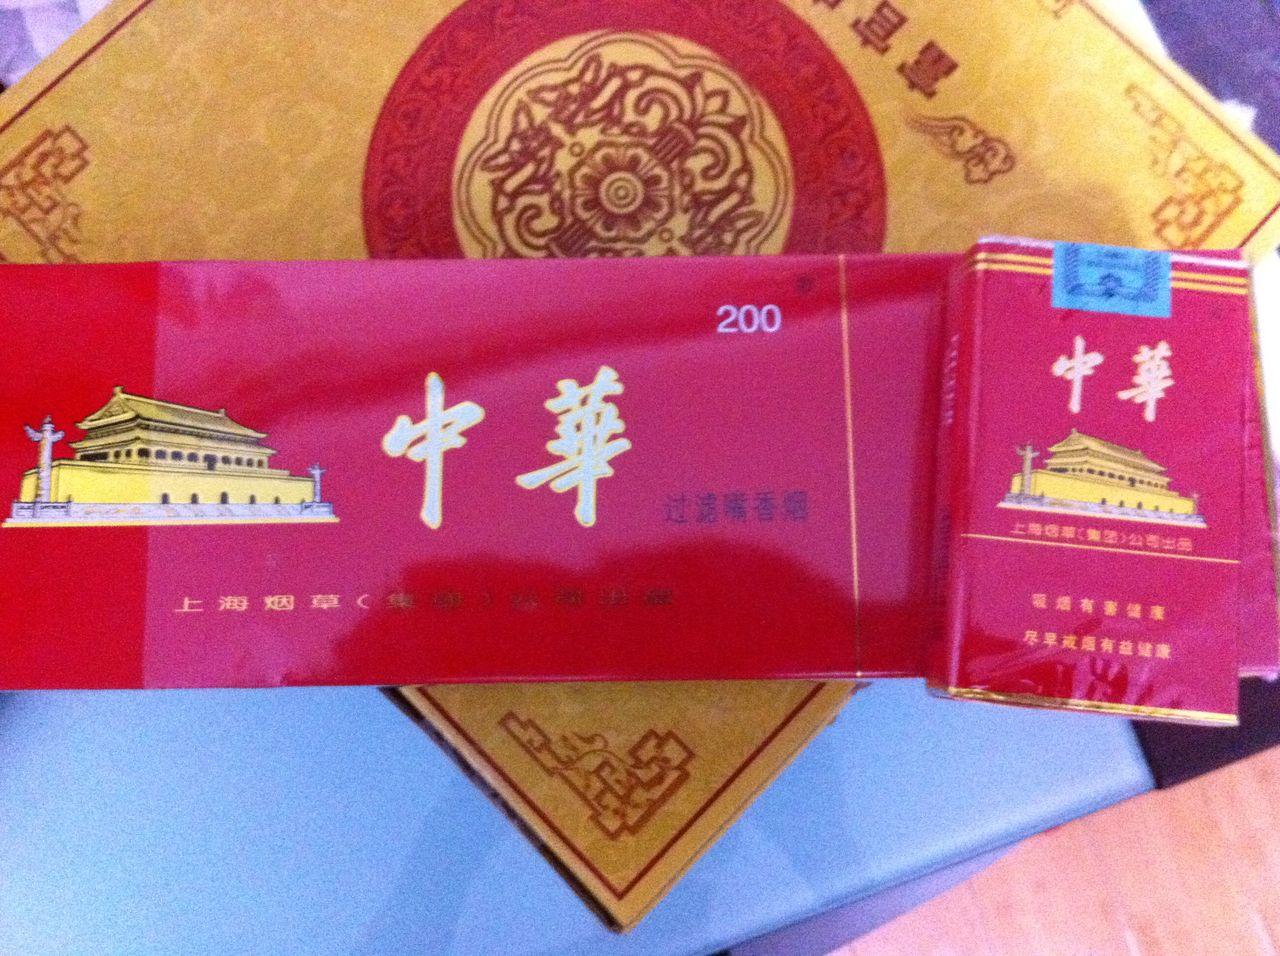 中华1951多少钱一包_谁给看看这种中华香烟多少钱一包?没有看见条形码啊